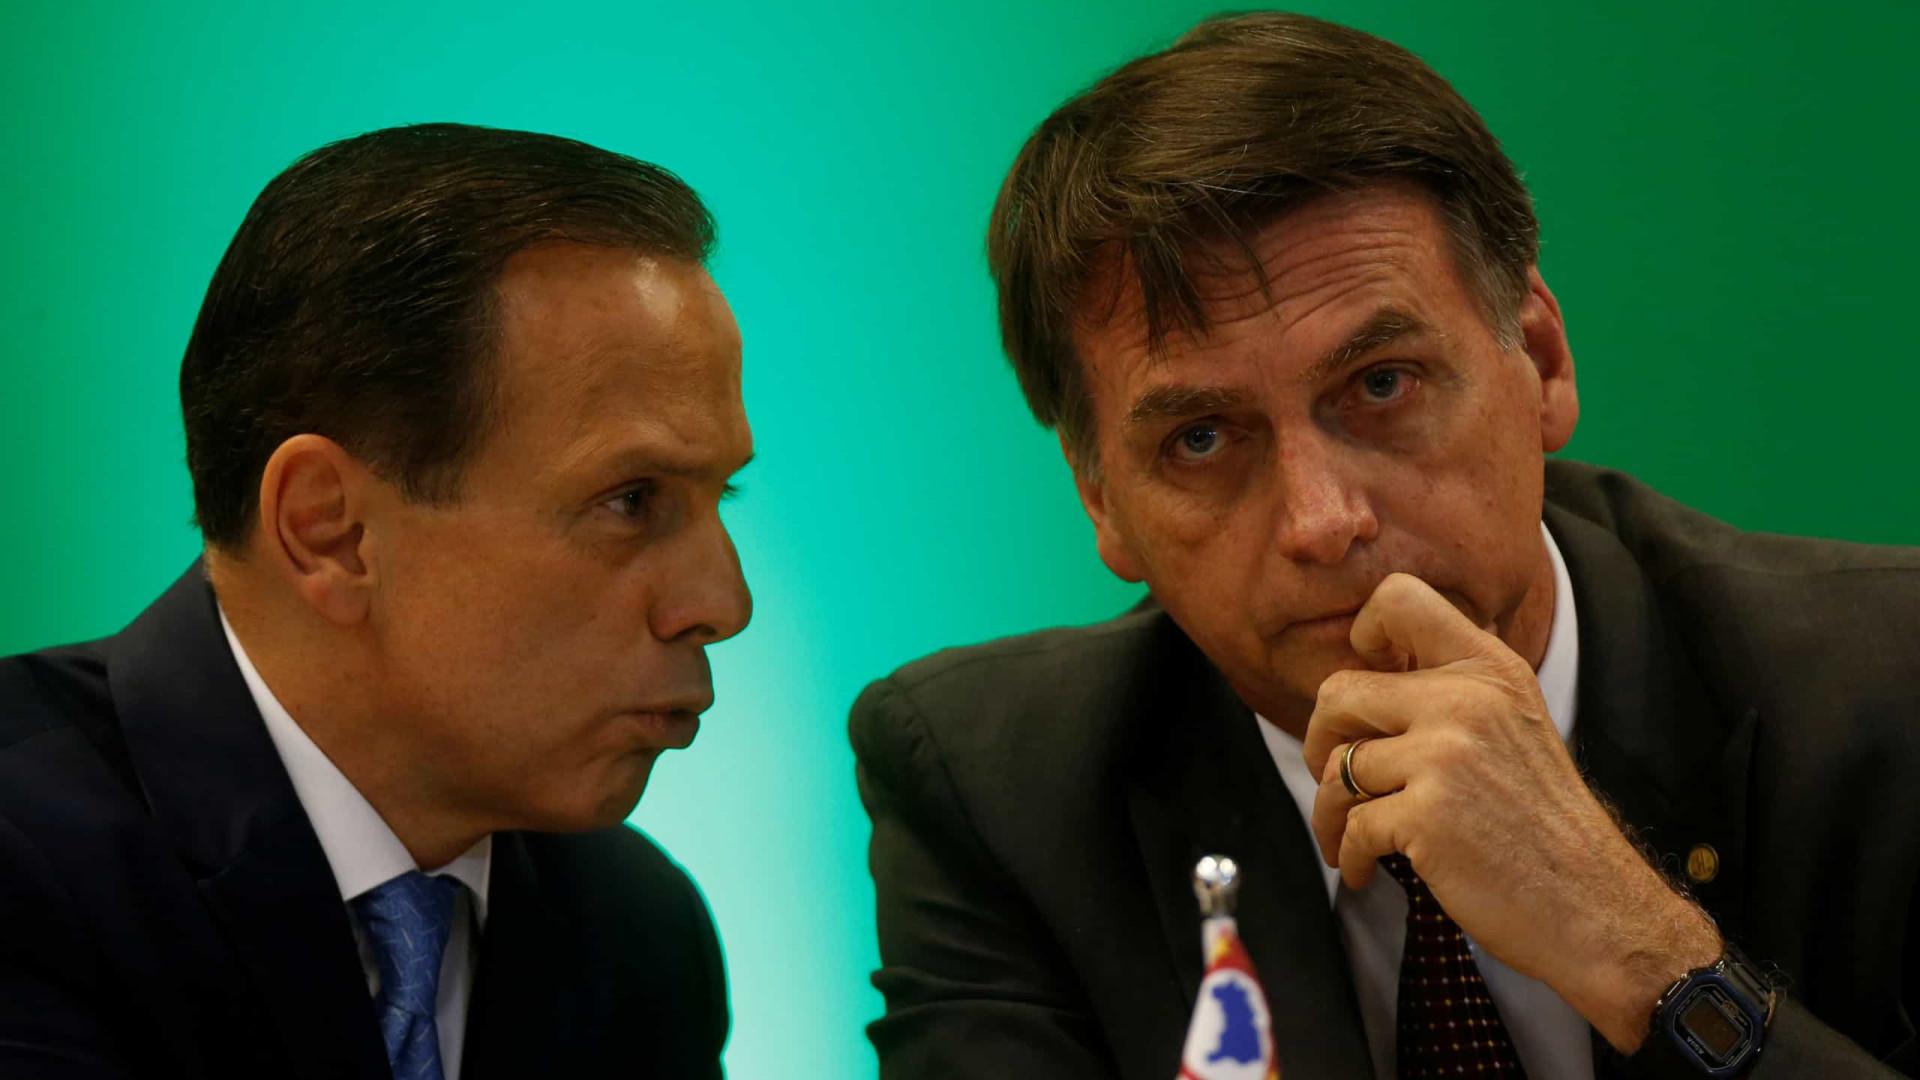 Doria: Recomendo ao presidente parar de me atacar e começar a trabalhar